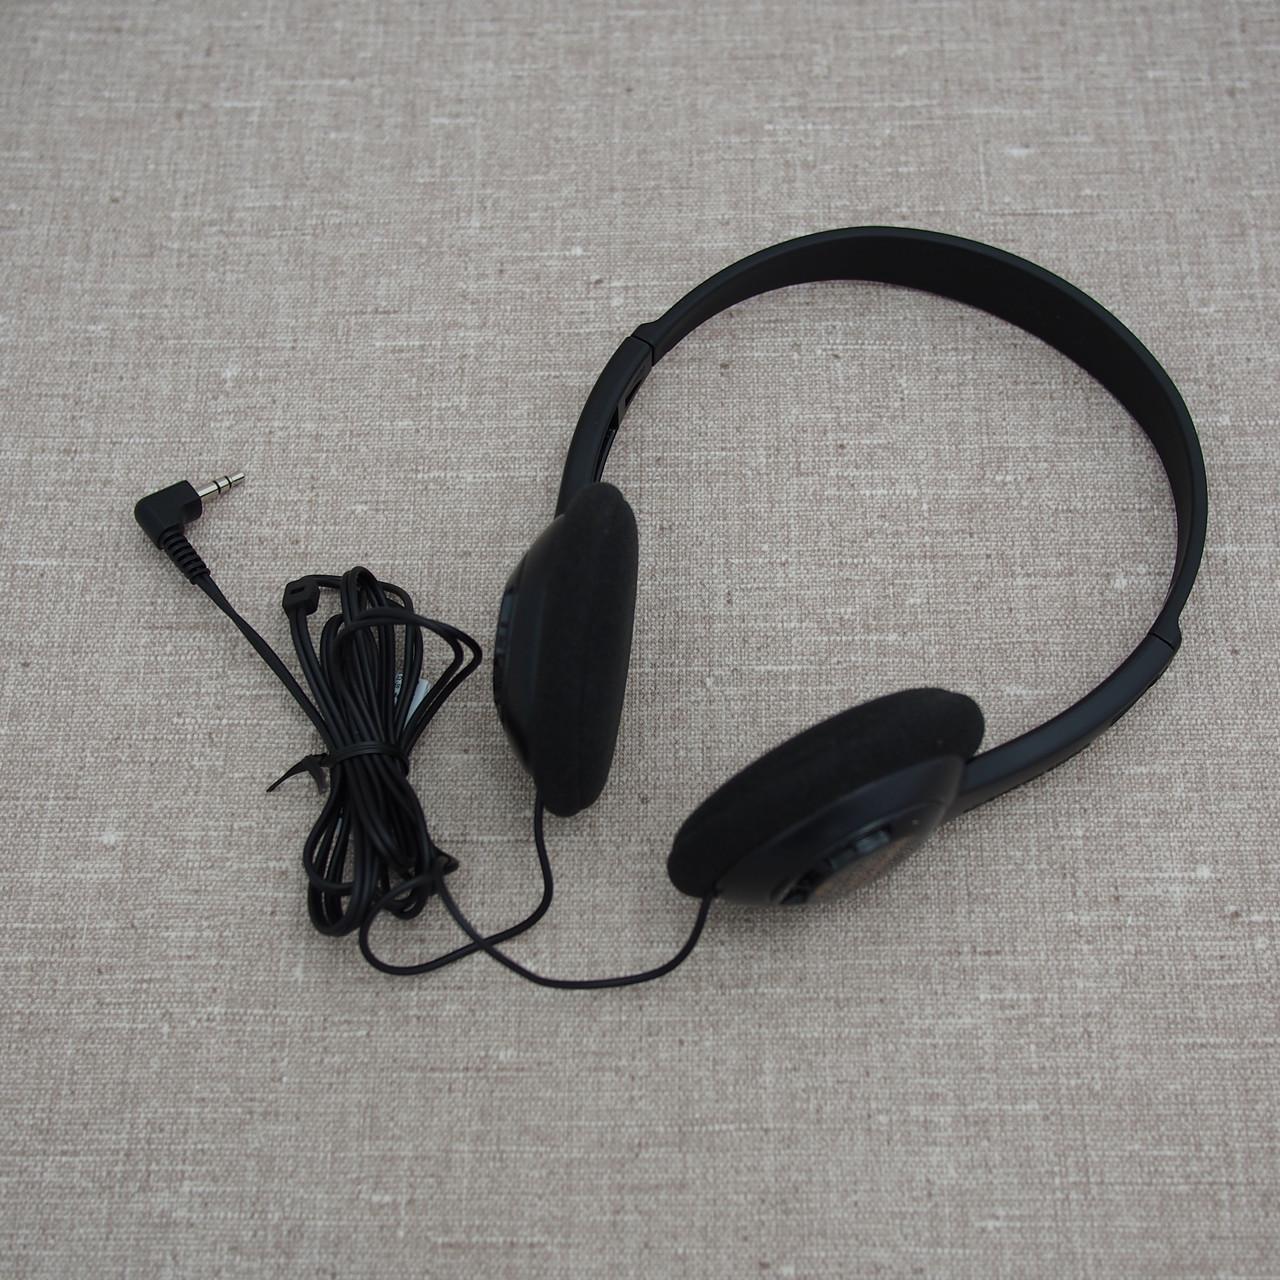 Проводные наушники и гарнитуры Panasonic RP-HT6E-K Lightweight black